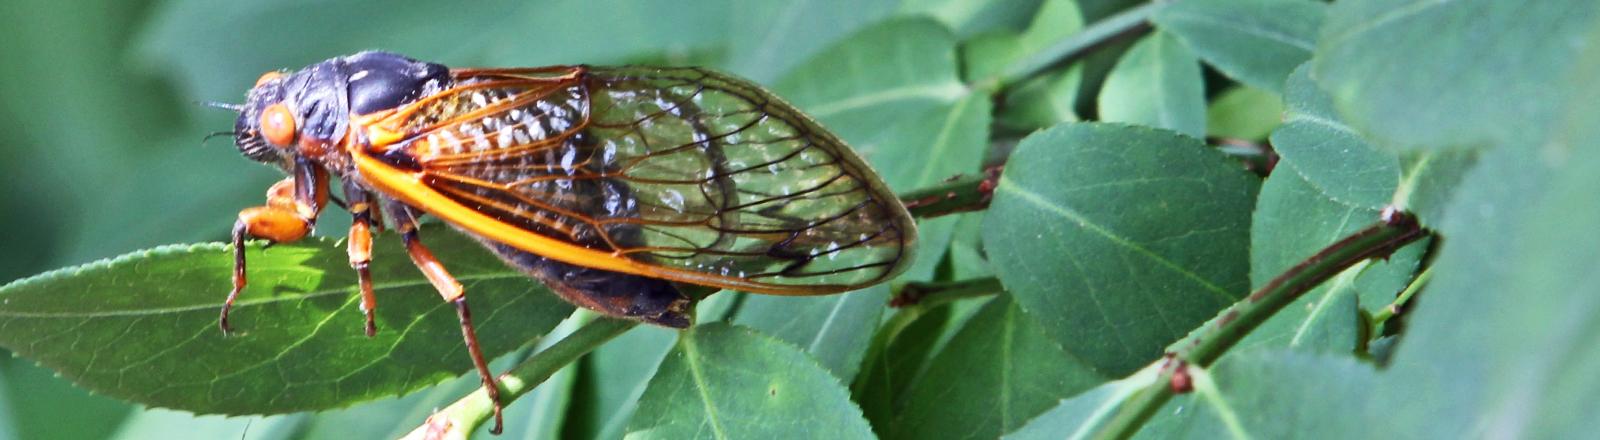 Zikaden auf einem Blatt Milliarden Zikaden übersäen derzeit Teile des US-Nordostens. Alle 17 Jahre erwachen sie zum Leben und werden zur Plage.